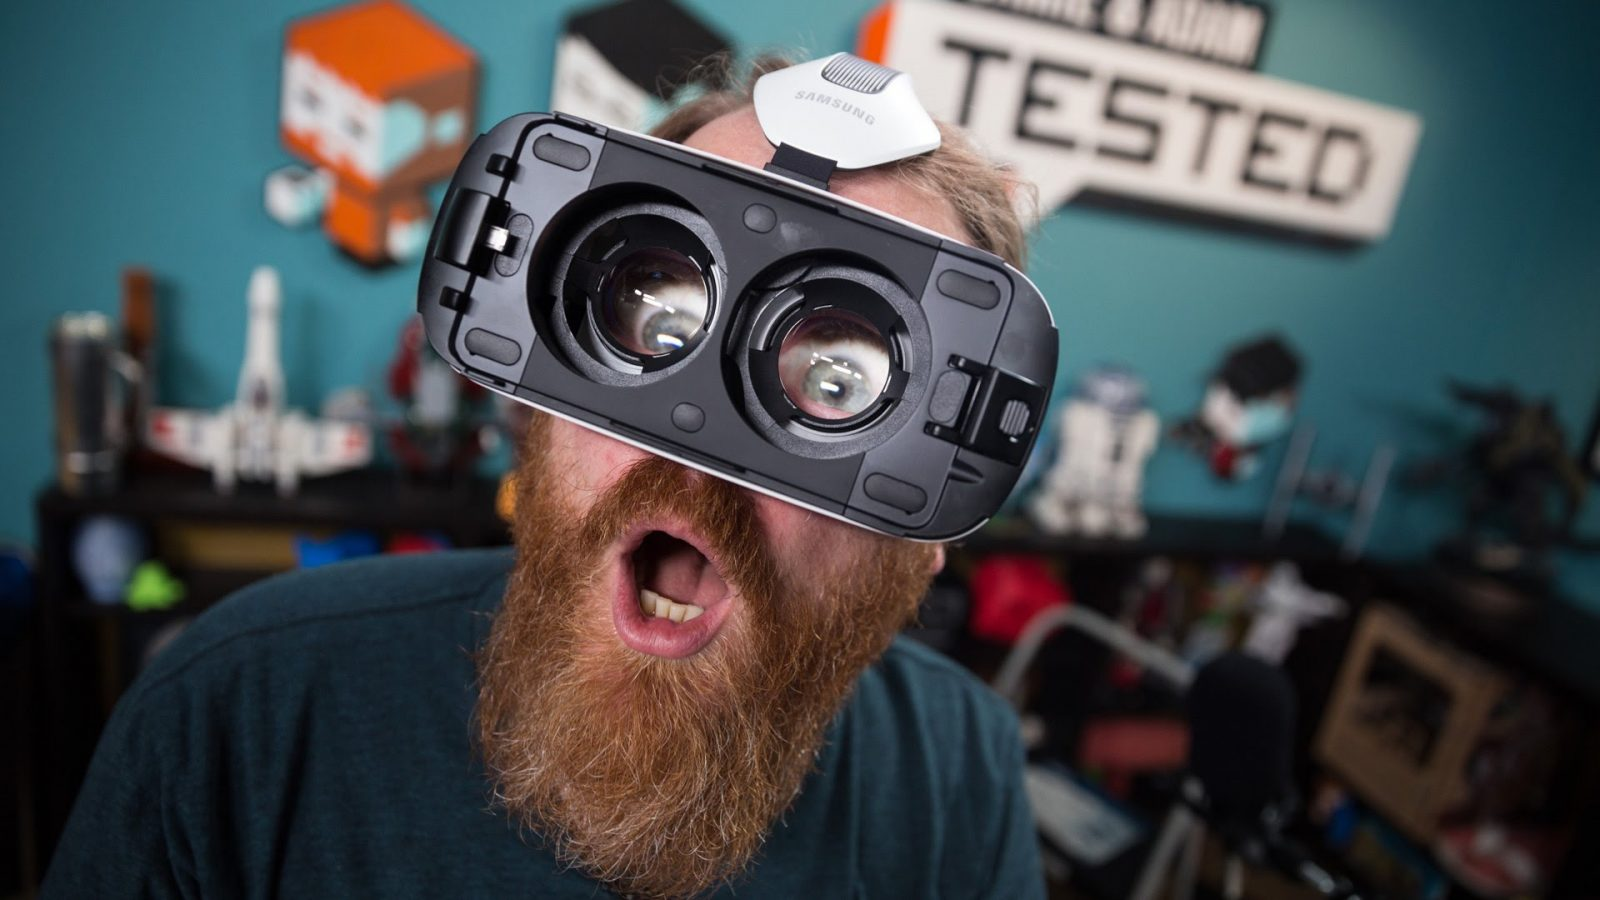 Réalités virtuelles